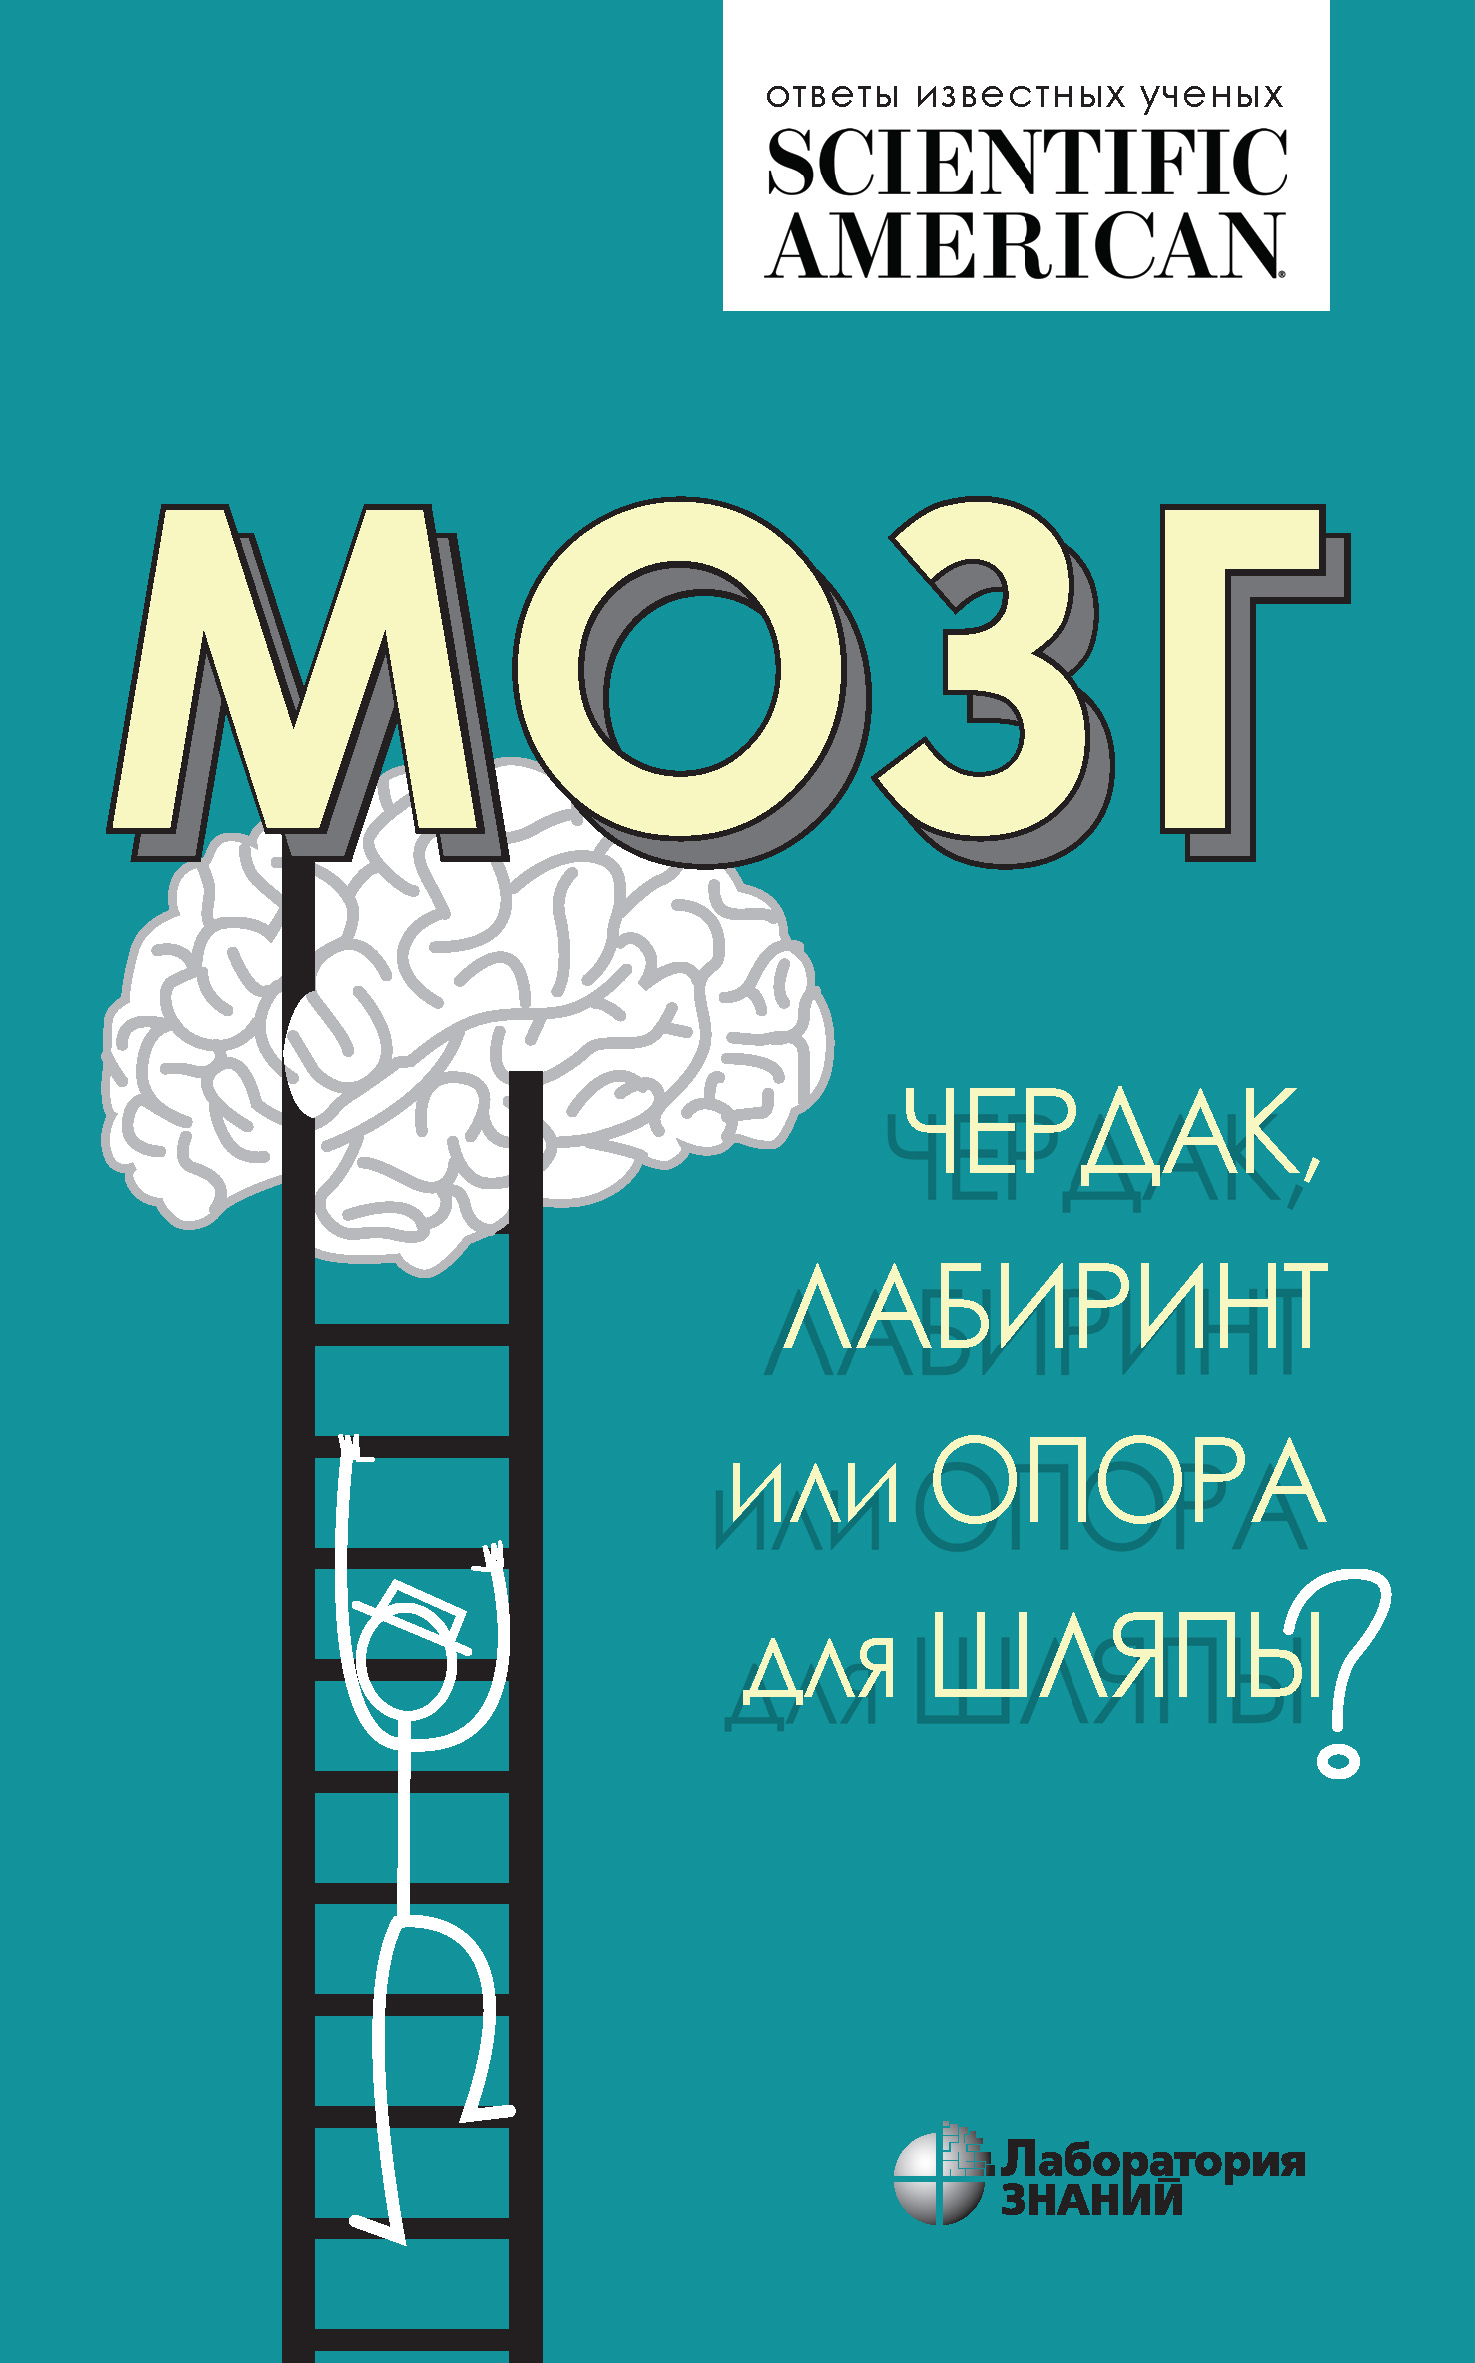 Мозг: чердак, лабиринт или опора для шляпы?